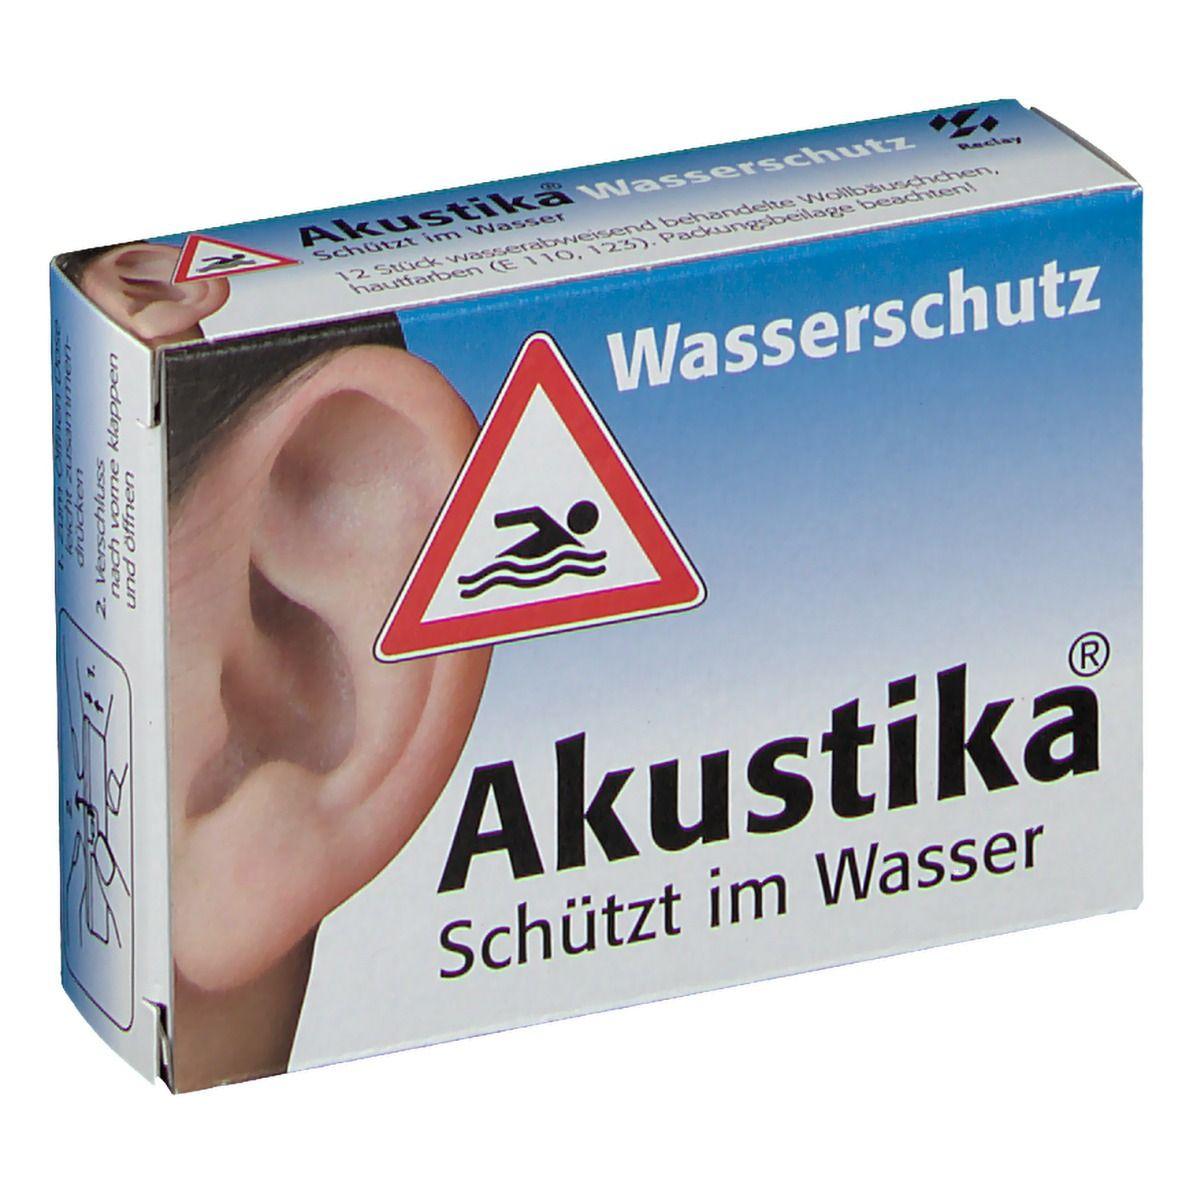 Image of Akustika® Wasserschutz